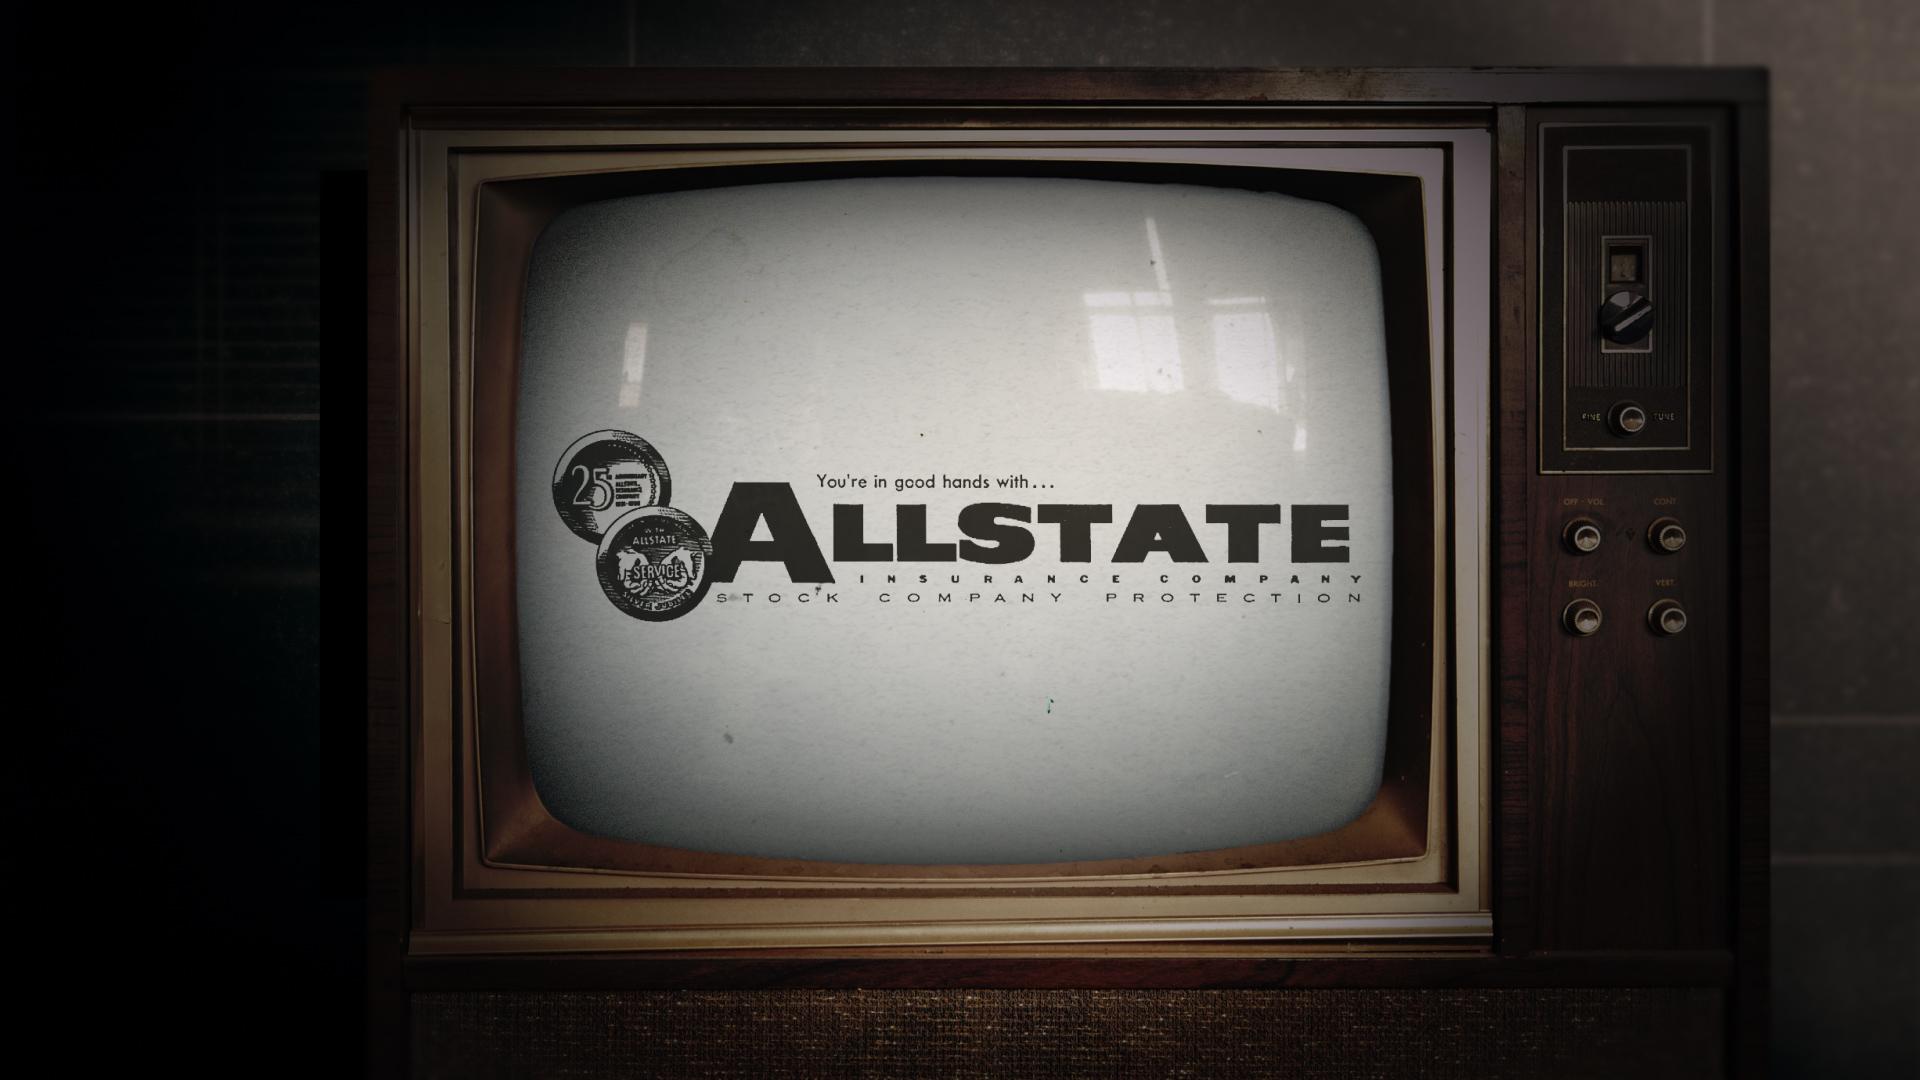 03_ACTR_AllState_Sponsor1.jpg